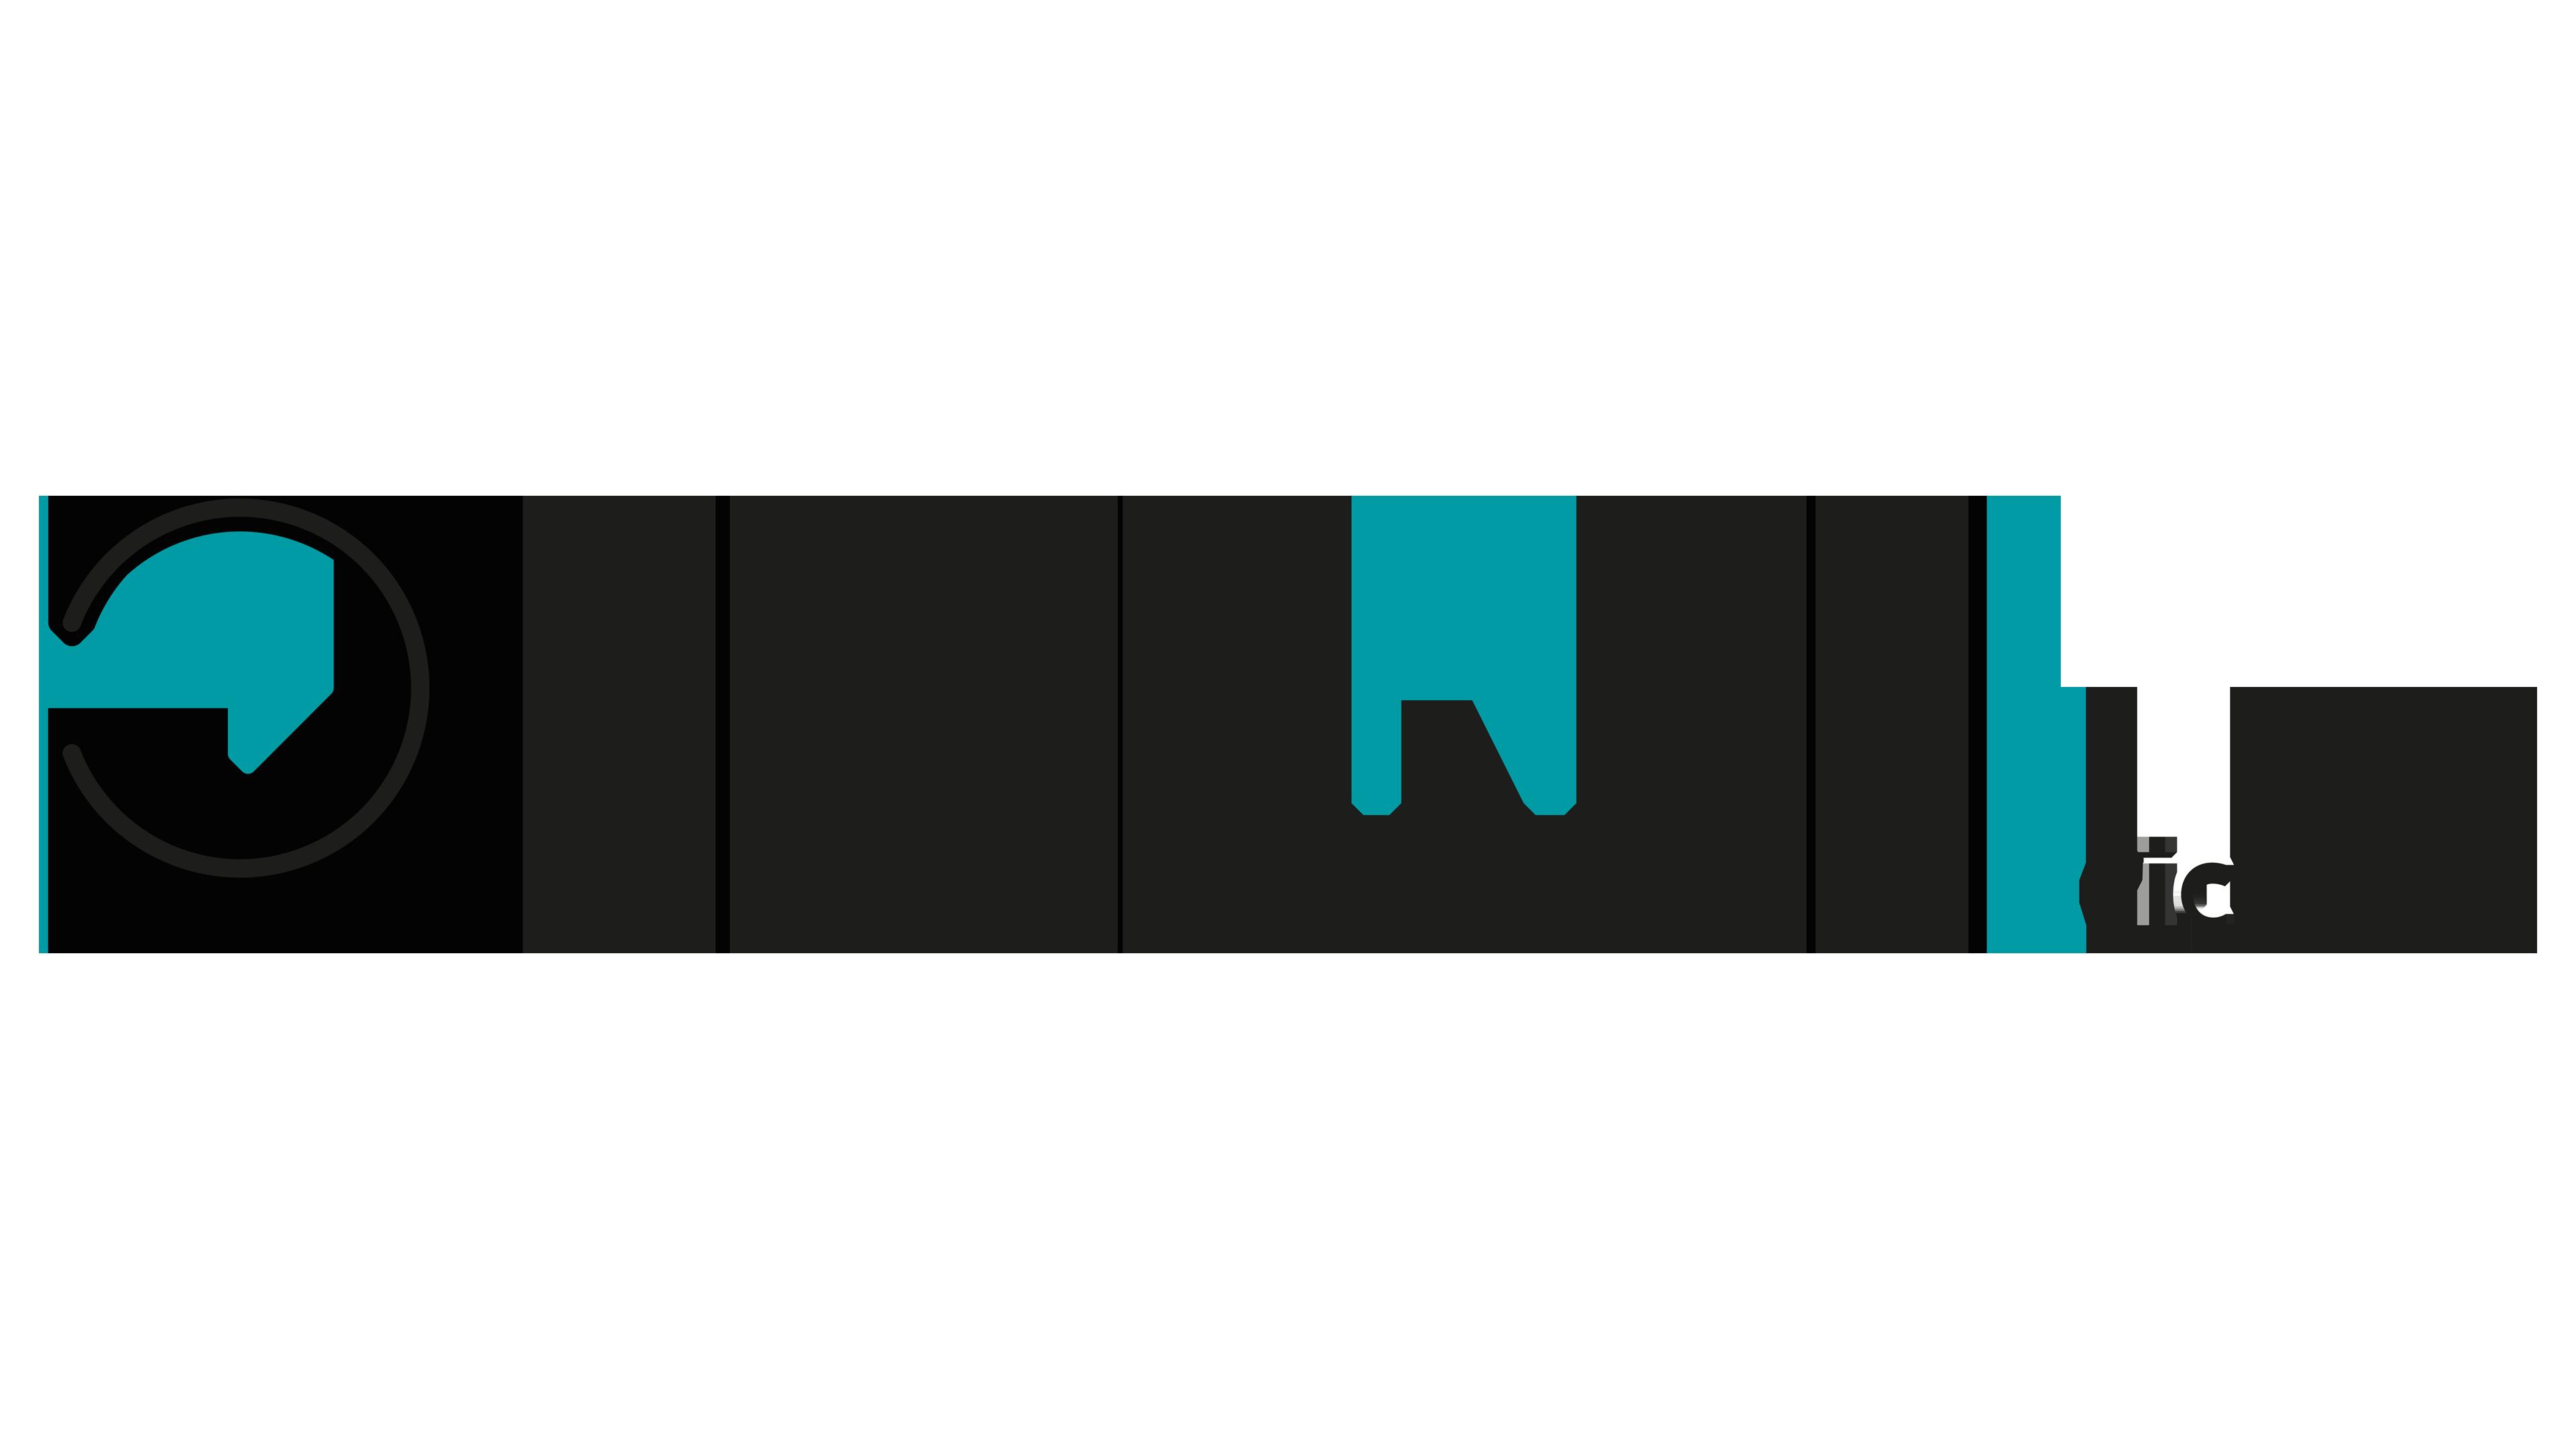 Das Logo von eazyR.